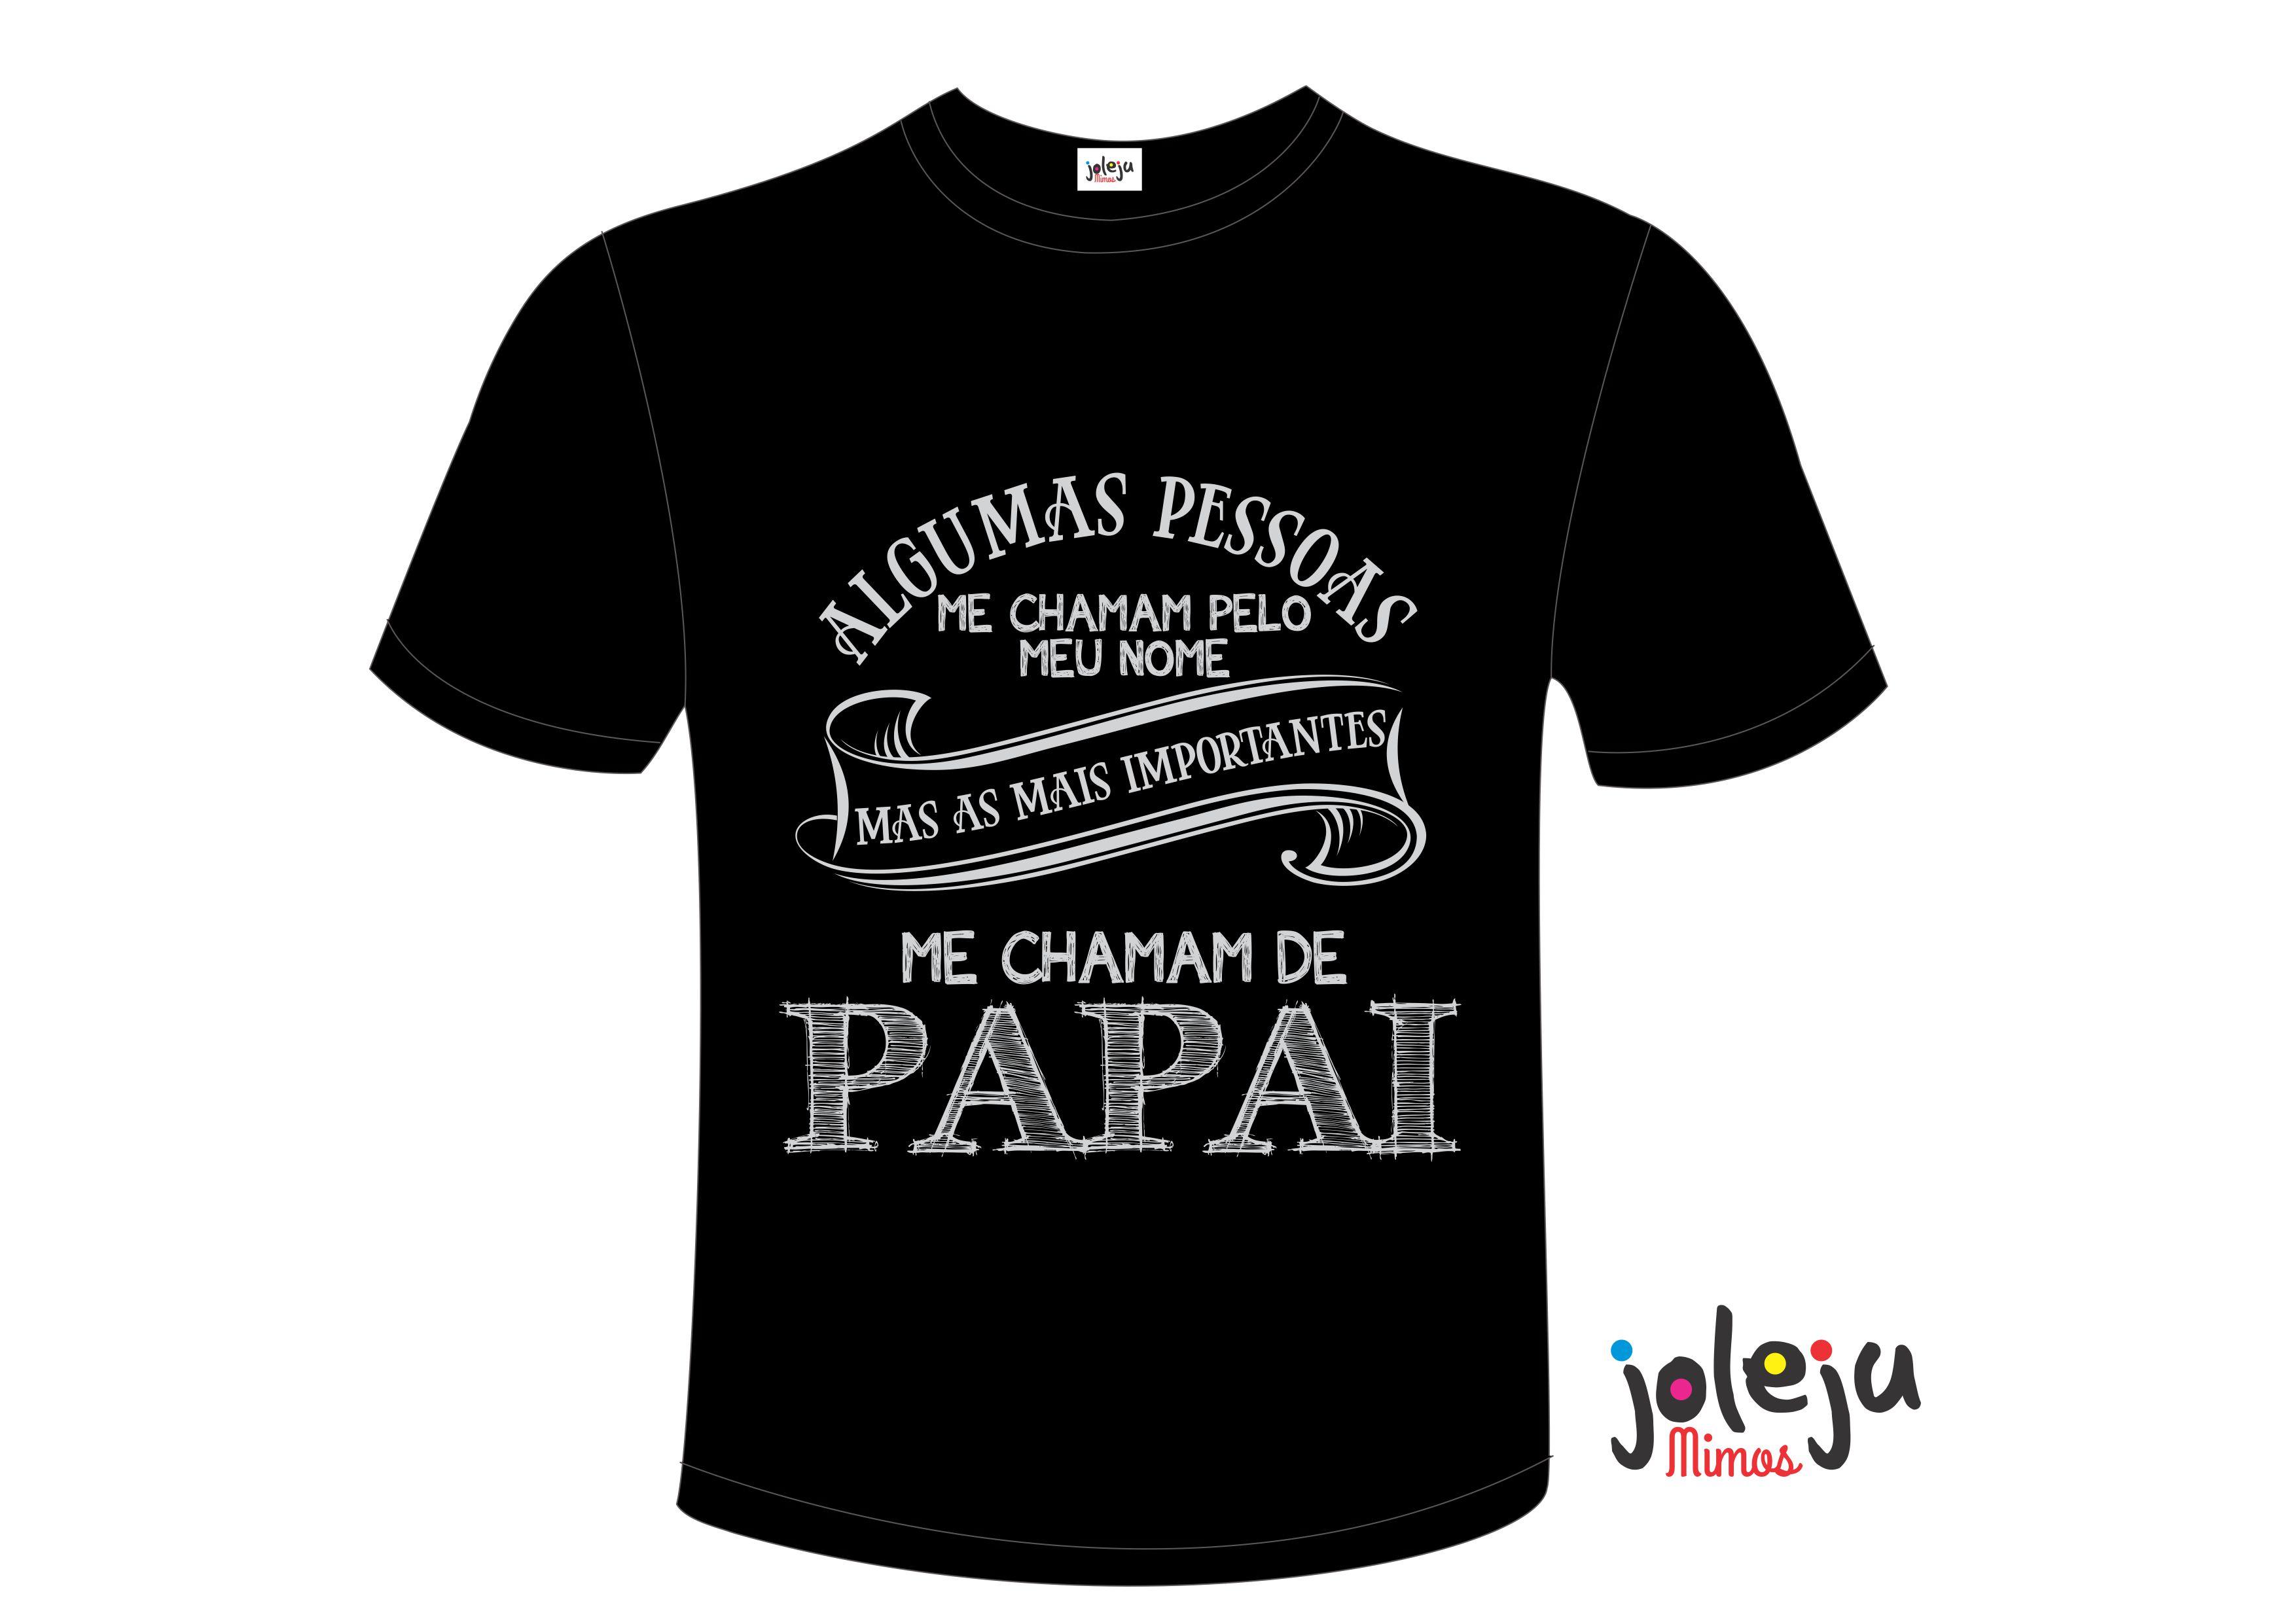 Camisetas Estampadas Super Man Dia Dos Pais Elo7